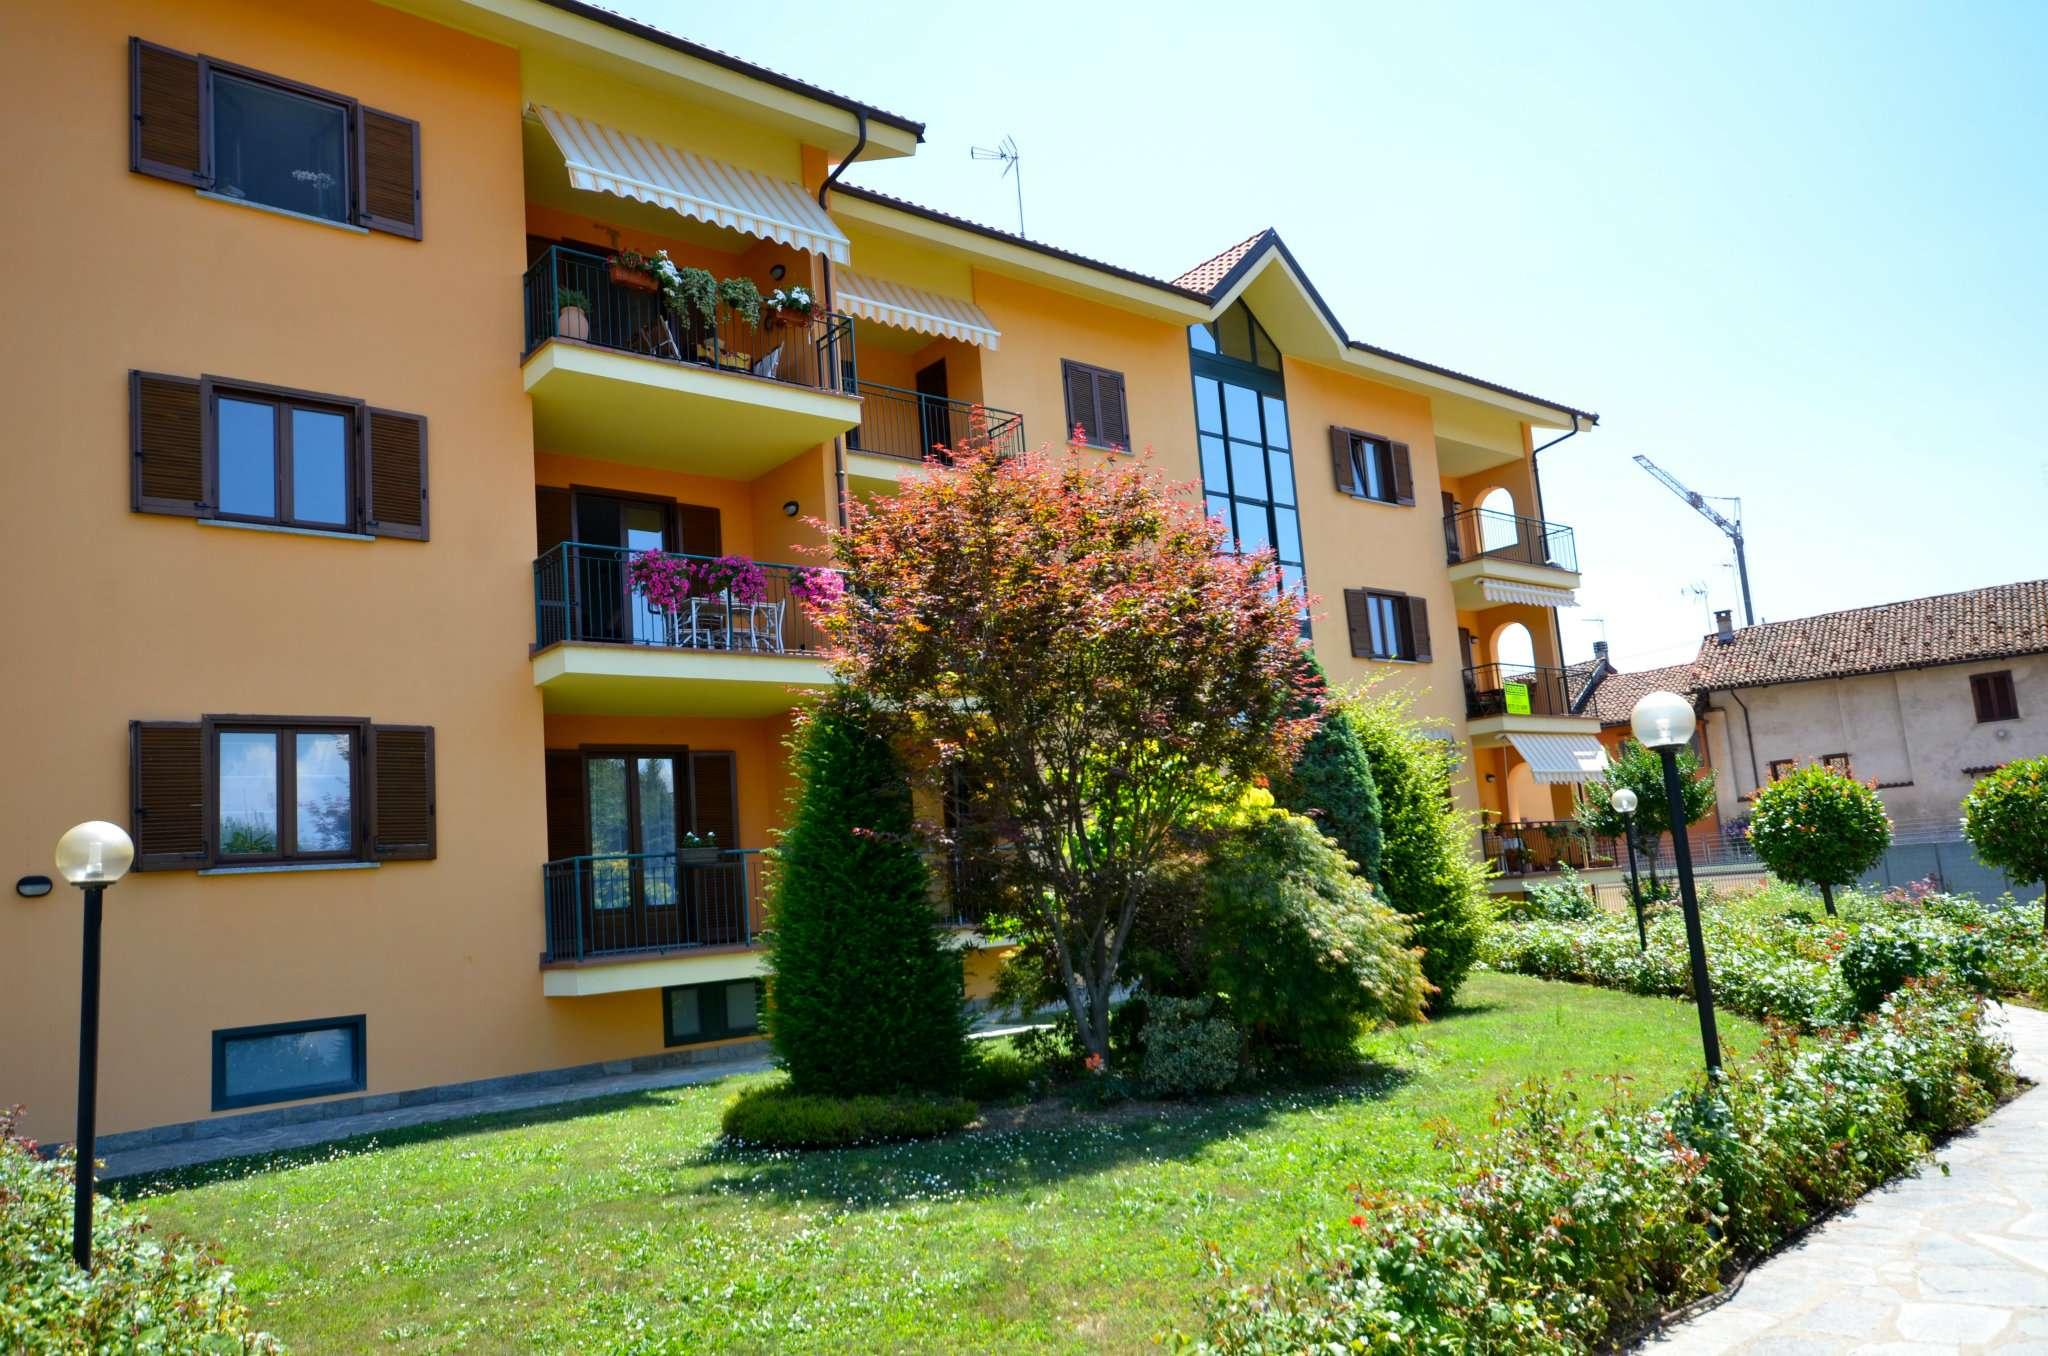 Appartamento in vendita a Centallo, 4 locali, prezzo € 150.000 | CambioCasa.it